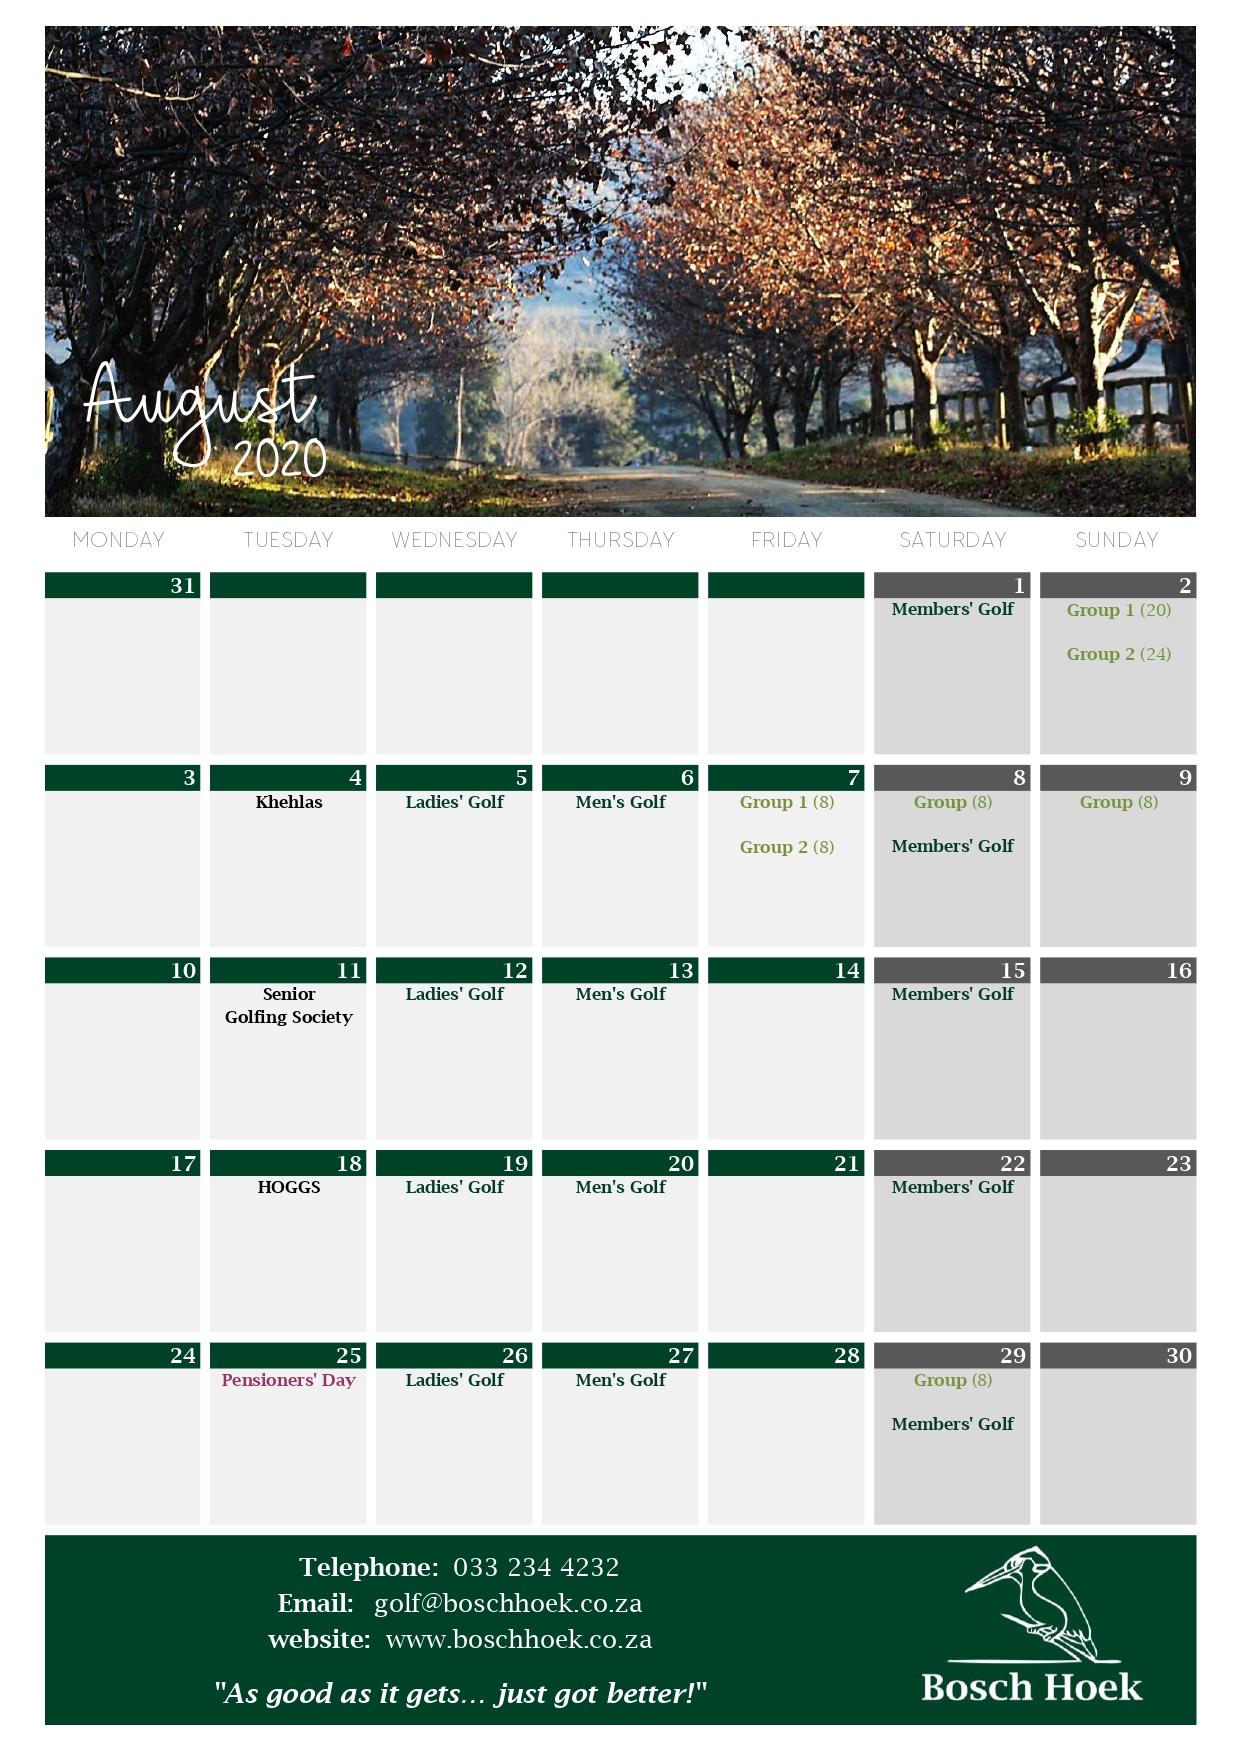 Bosch Hoek Golf Course - 2020 August Calendar